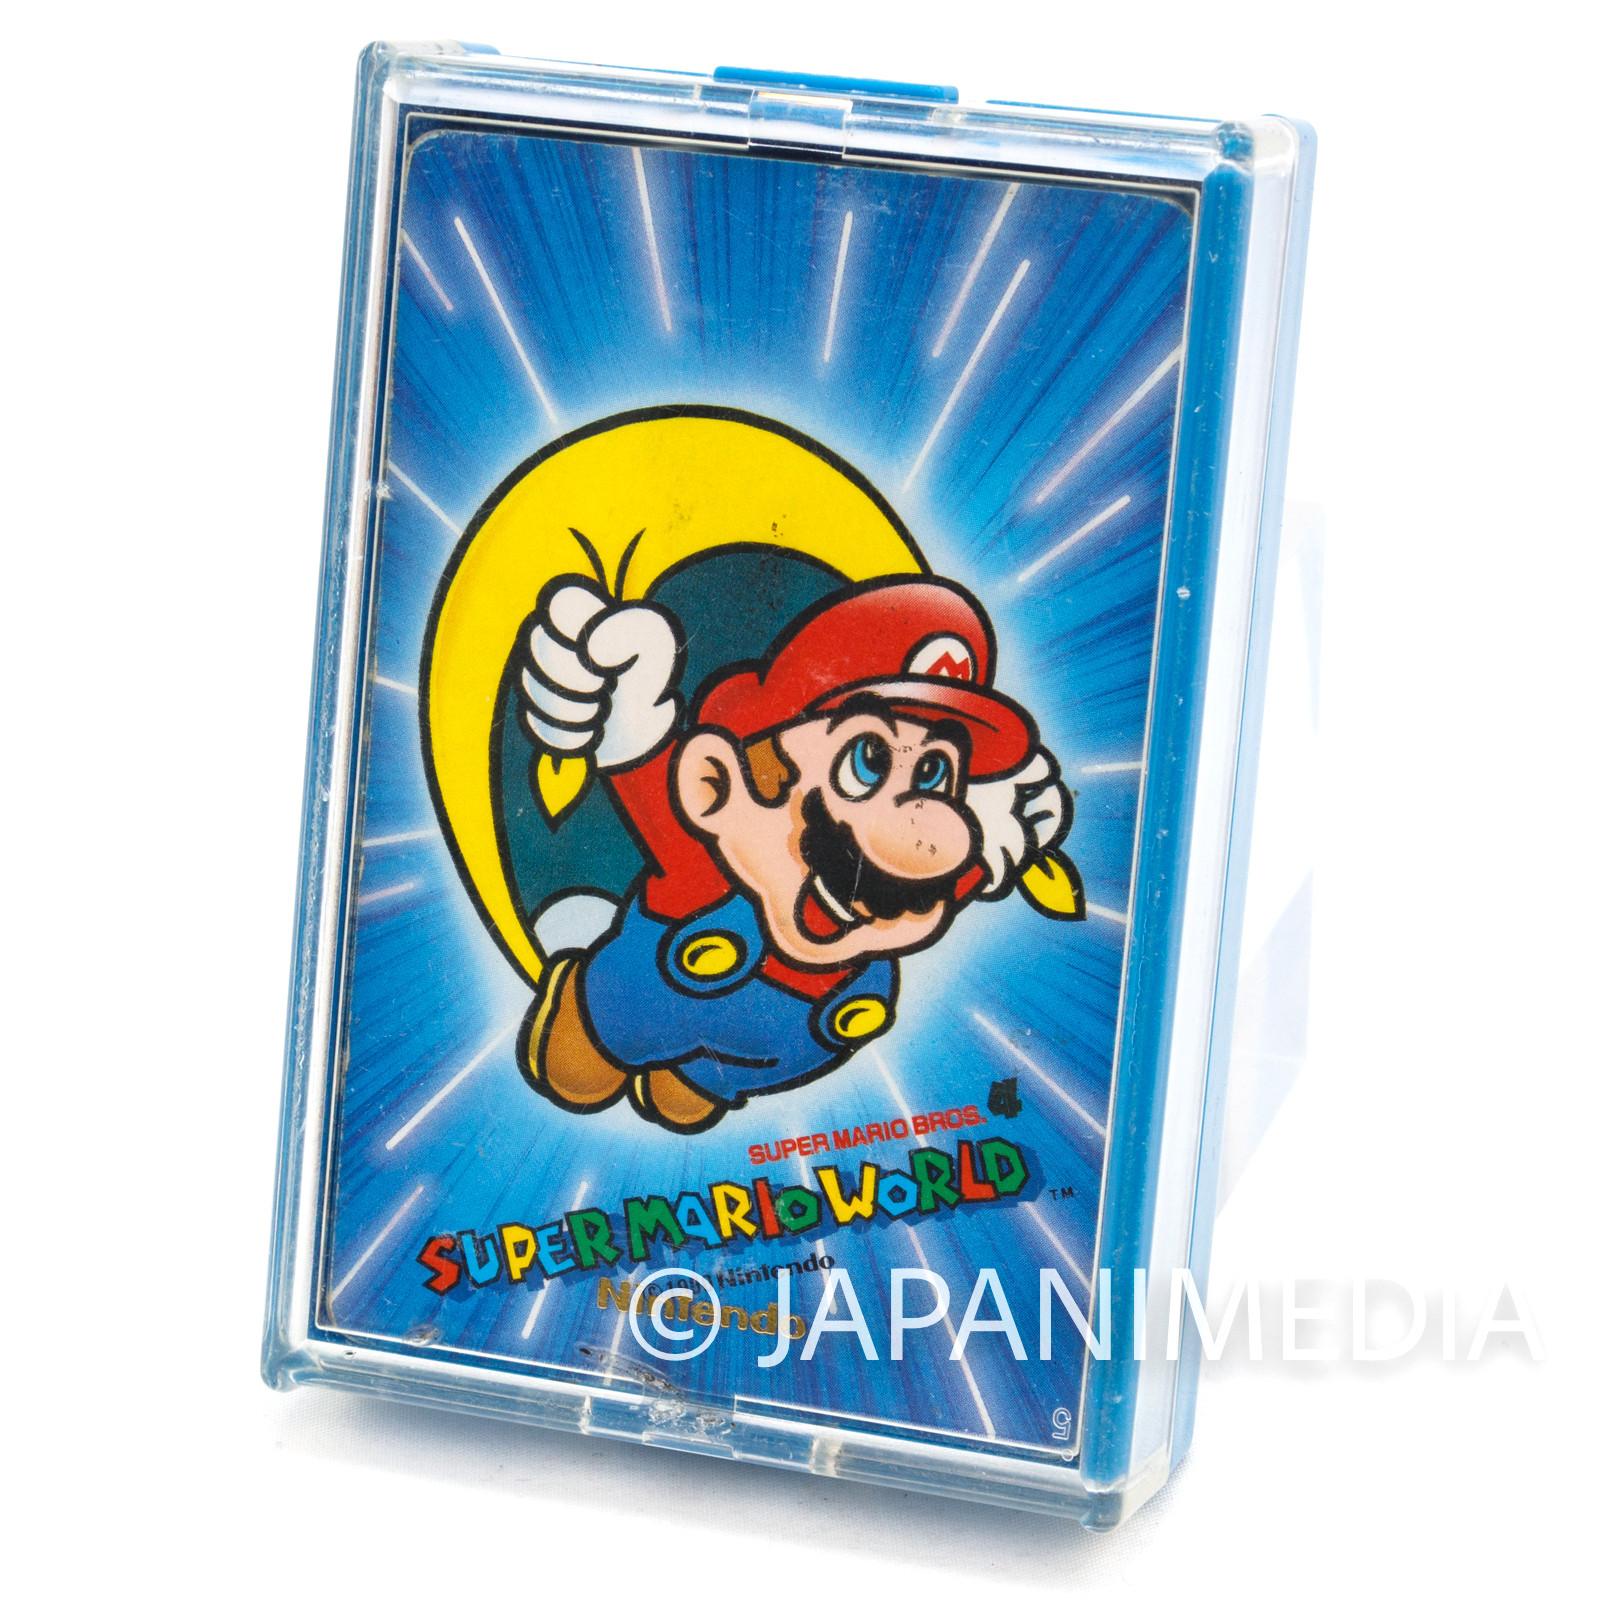 Retro RARE Super Mario World Trump Playing Cards Nintendo JAPAN FAMICOM 2